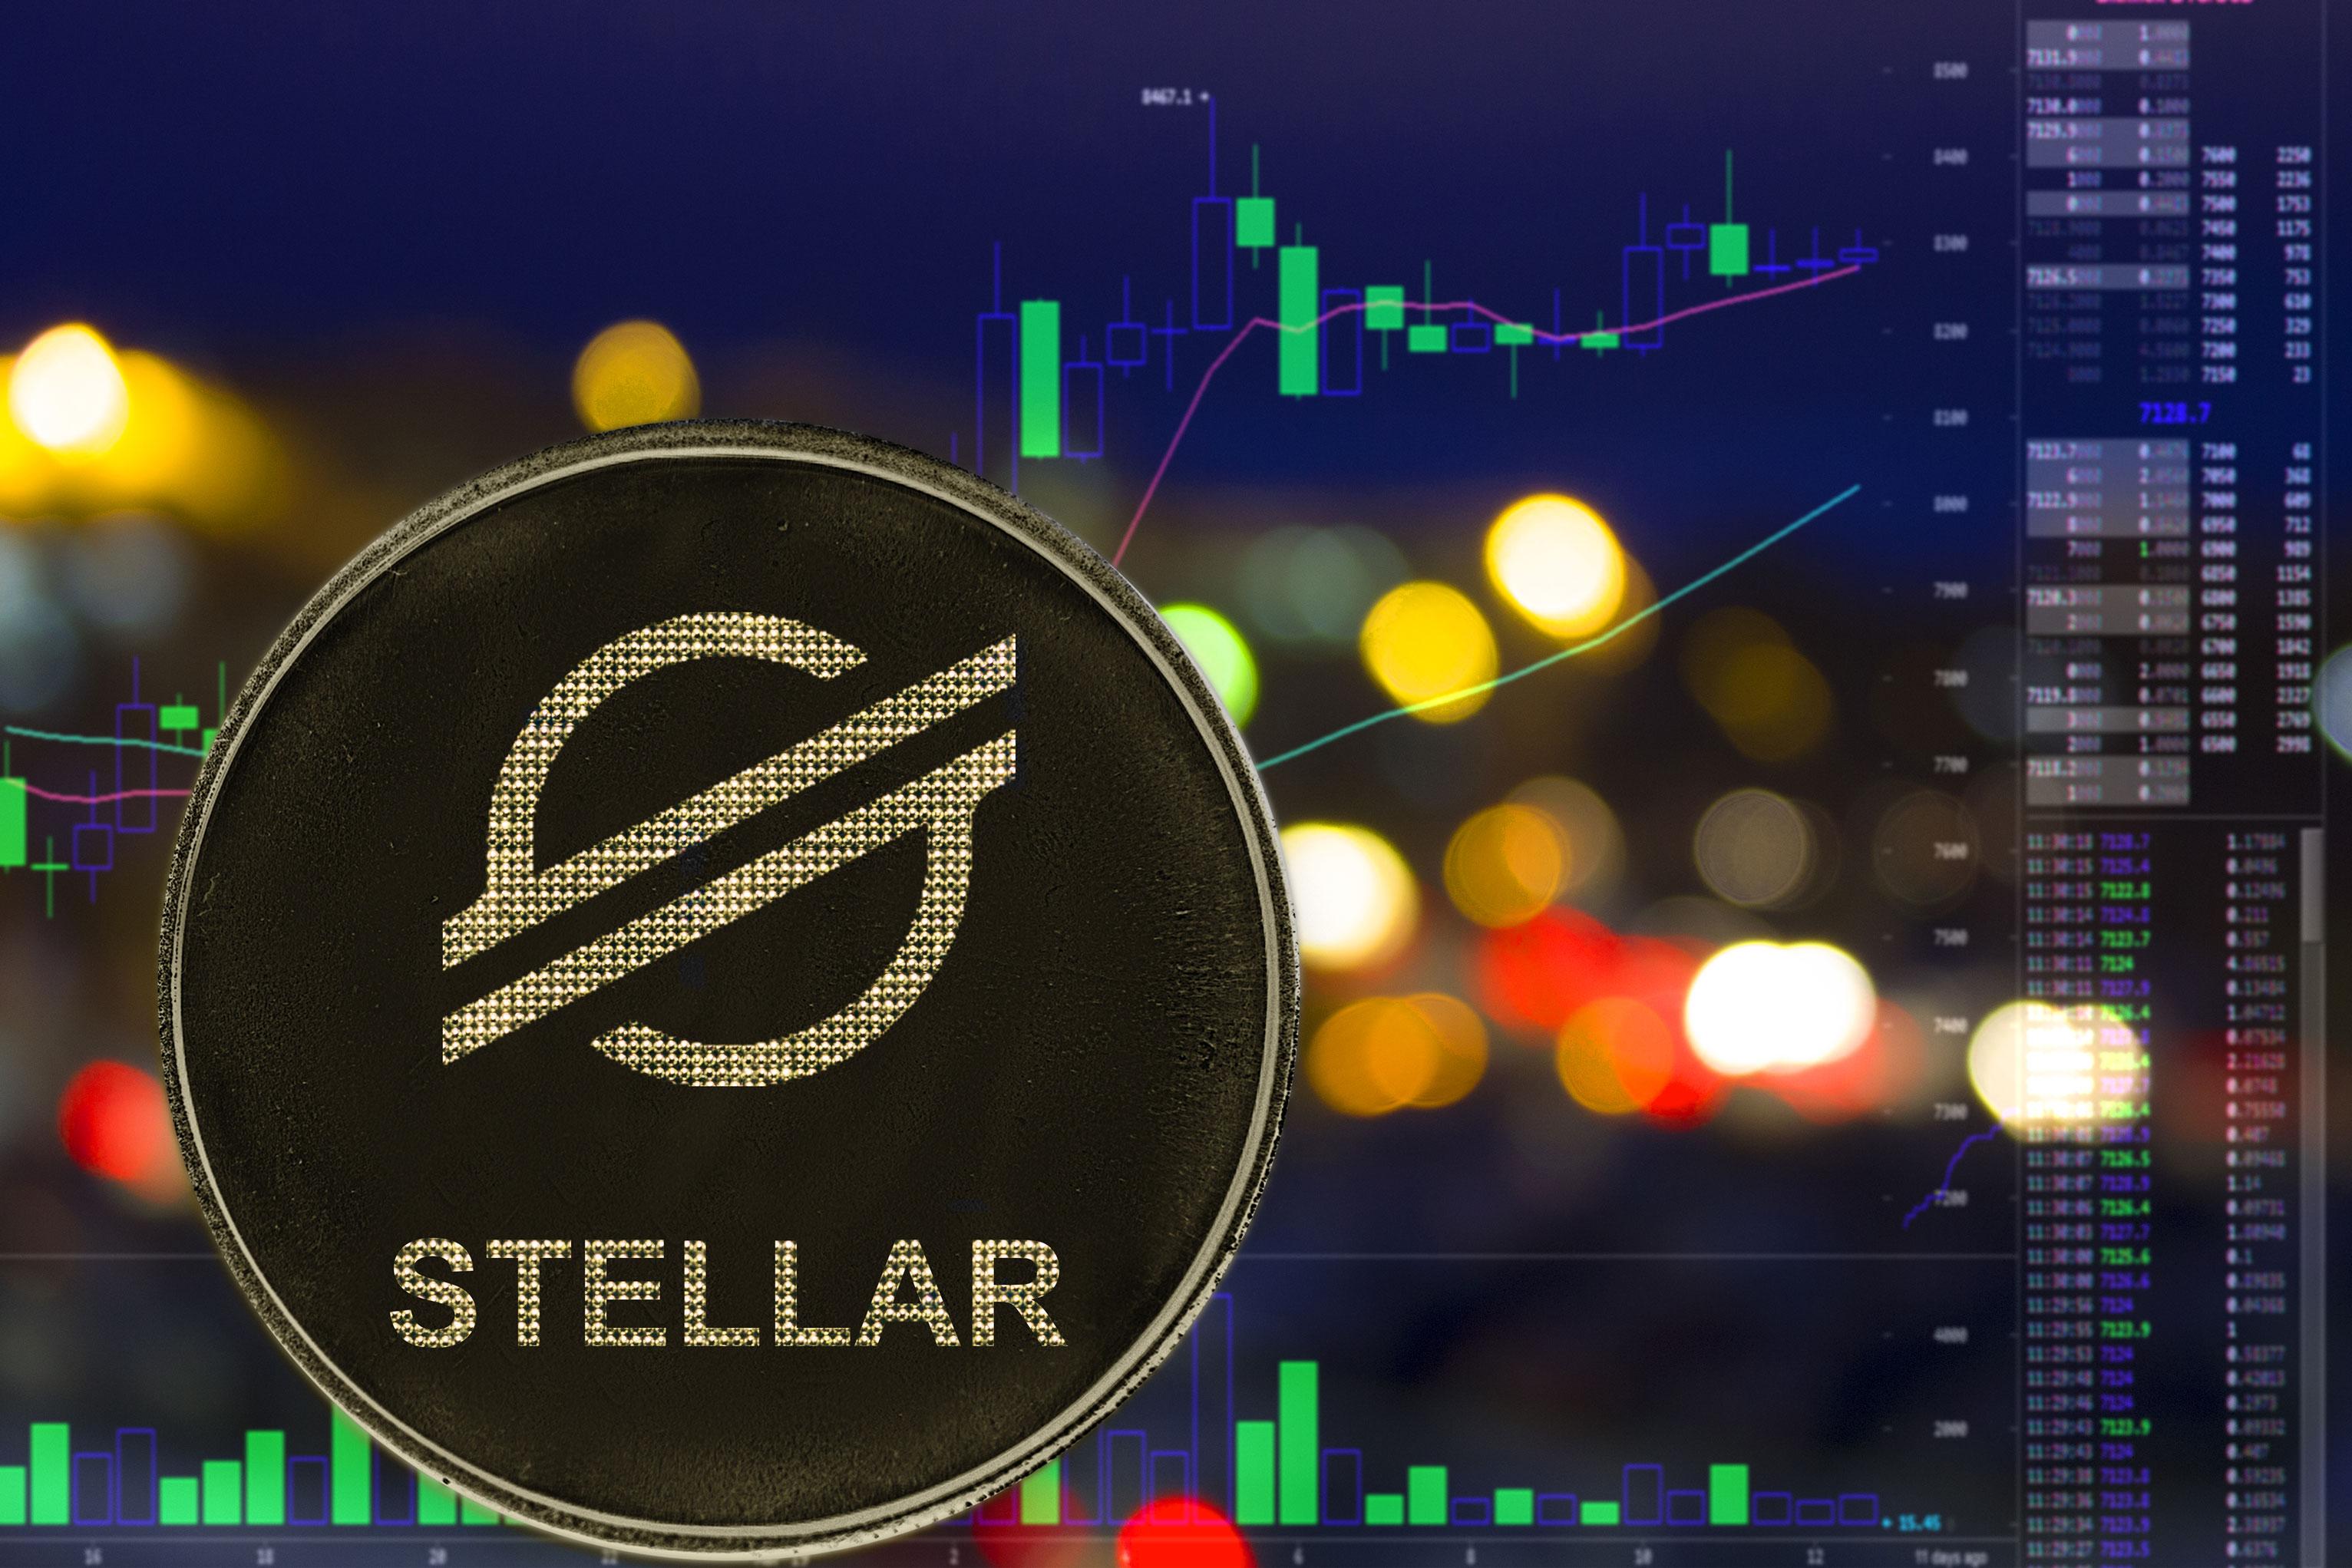 Stellar-pakke... analyse og anmeldelse om et nyt produkt